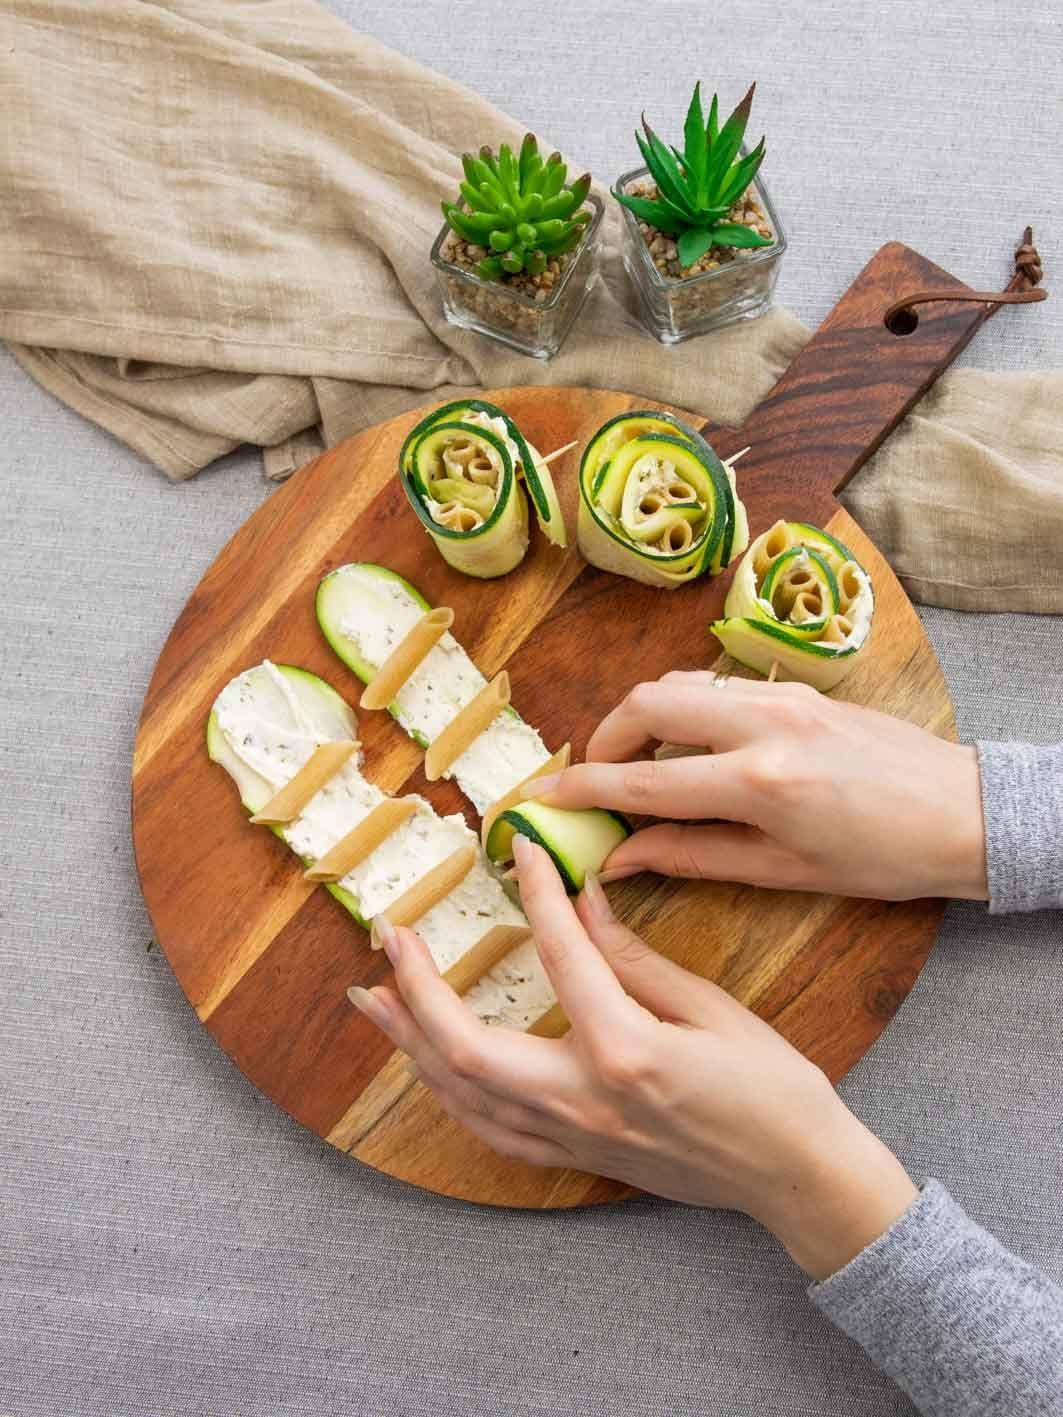 Auf diesem Bild siehst du wie die Nudeln in der Zucchini eingewickelt werden.